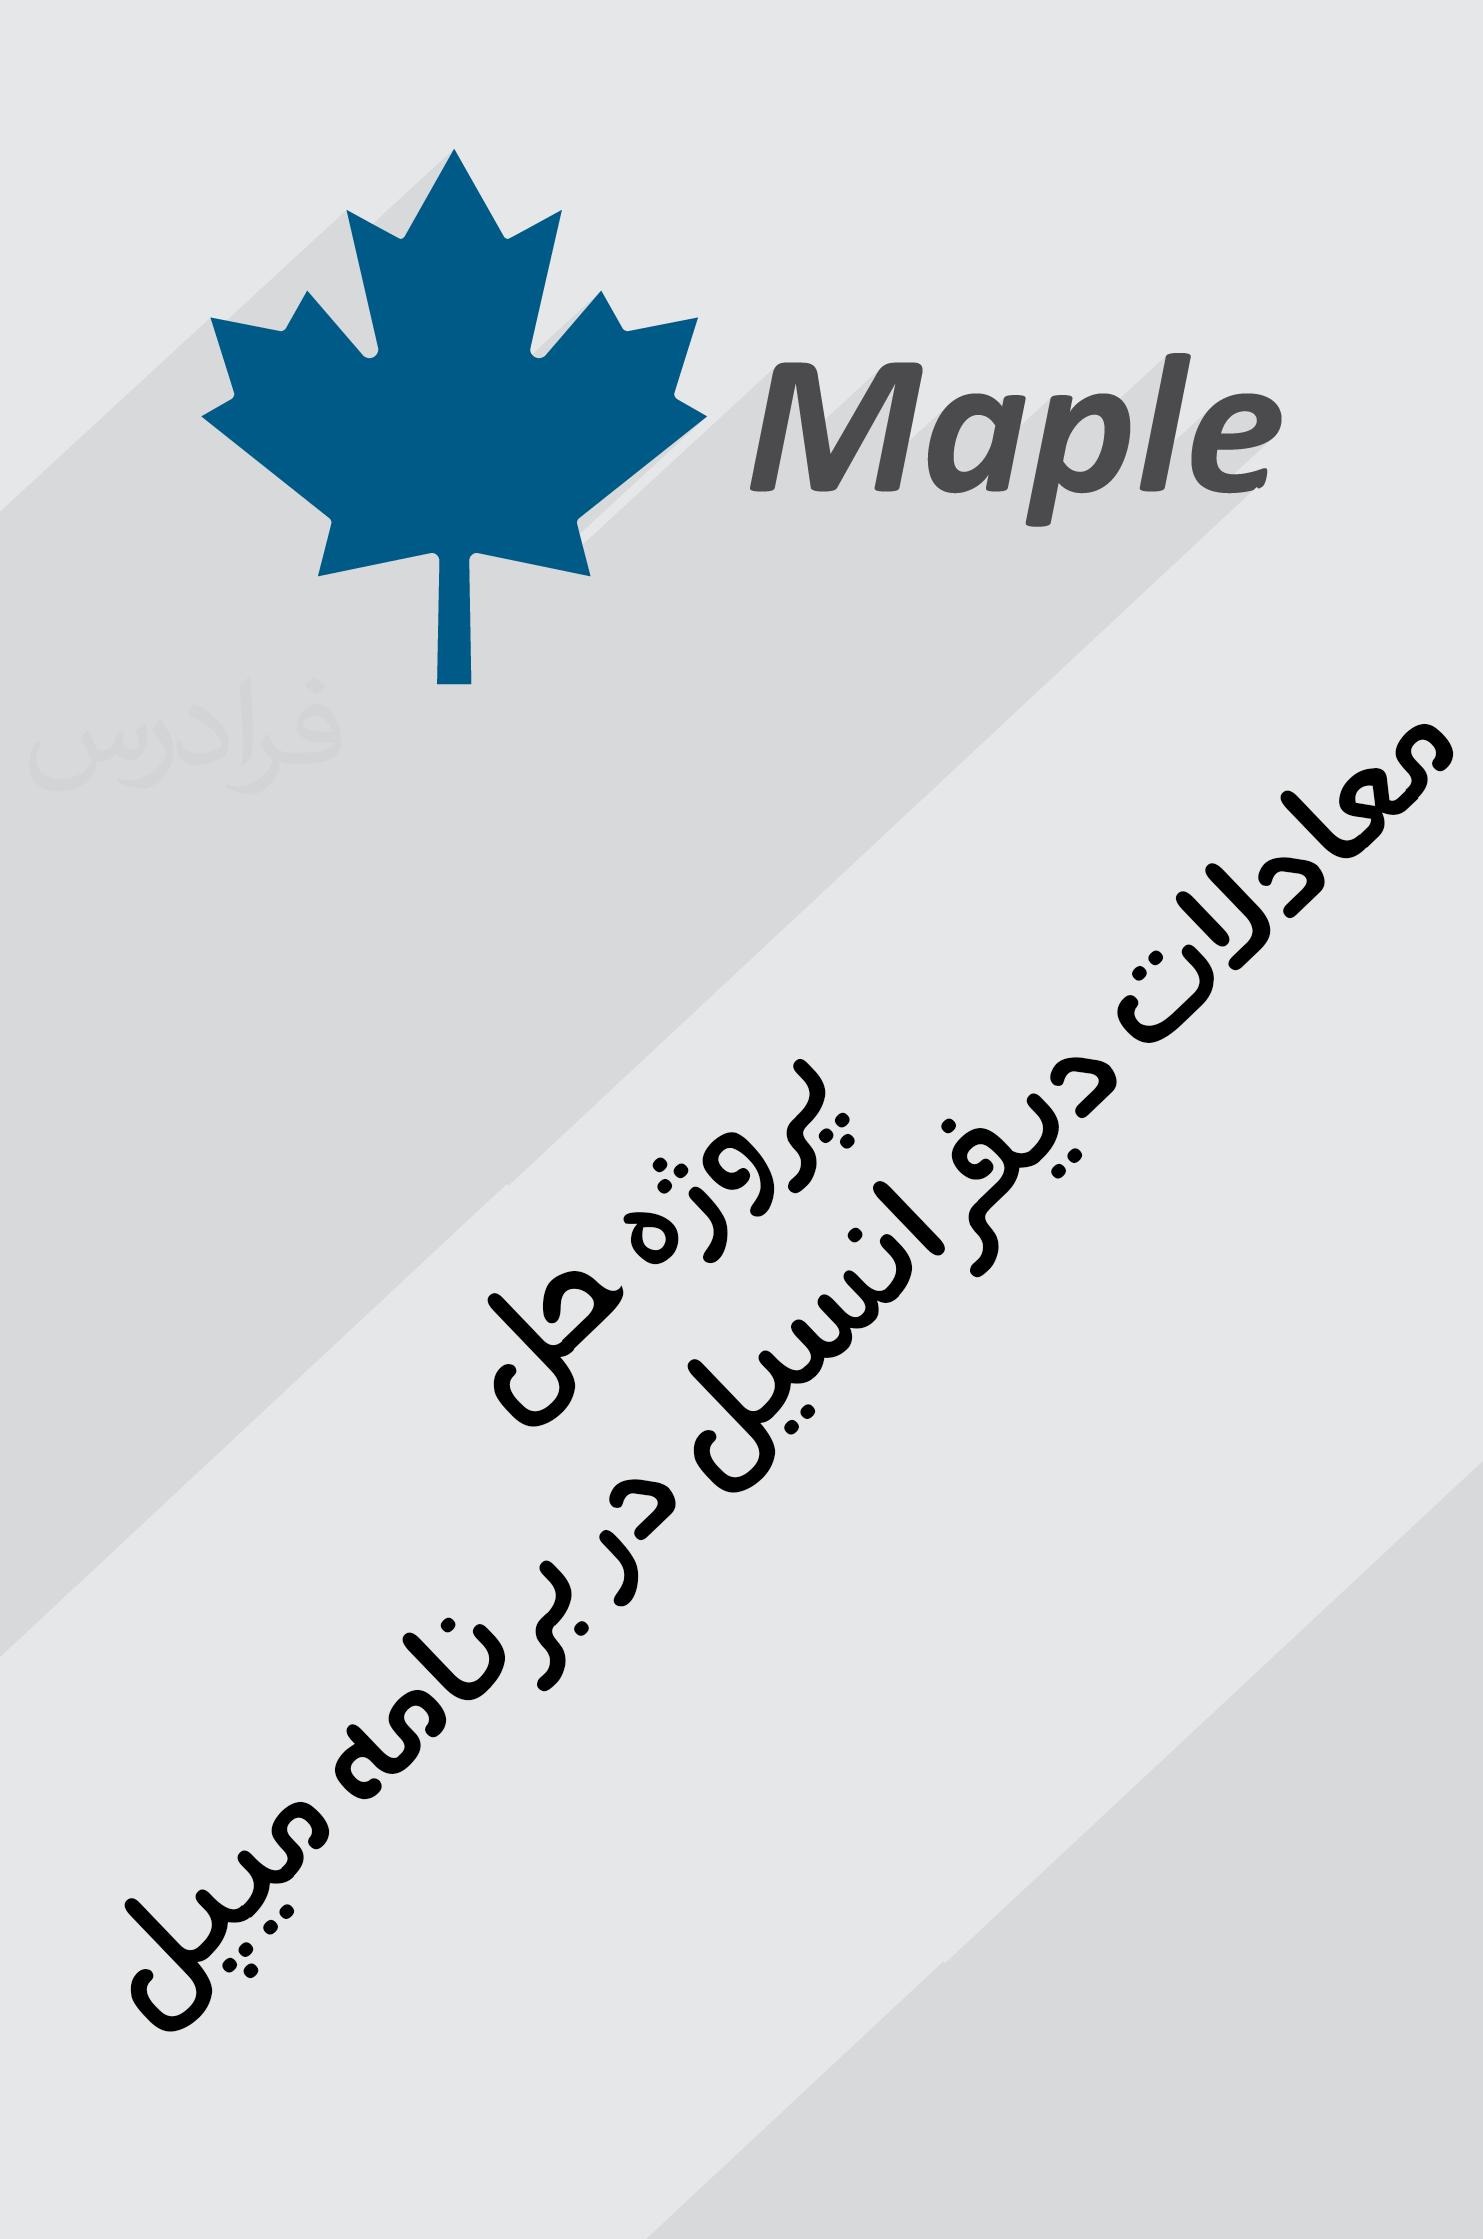 دریافت پروژه حل معادلات دیفرانسیل در برنامه میپل